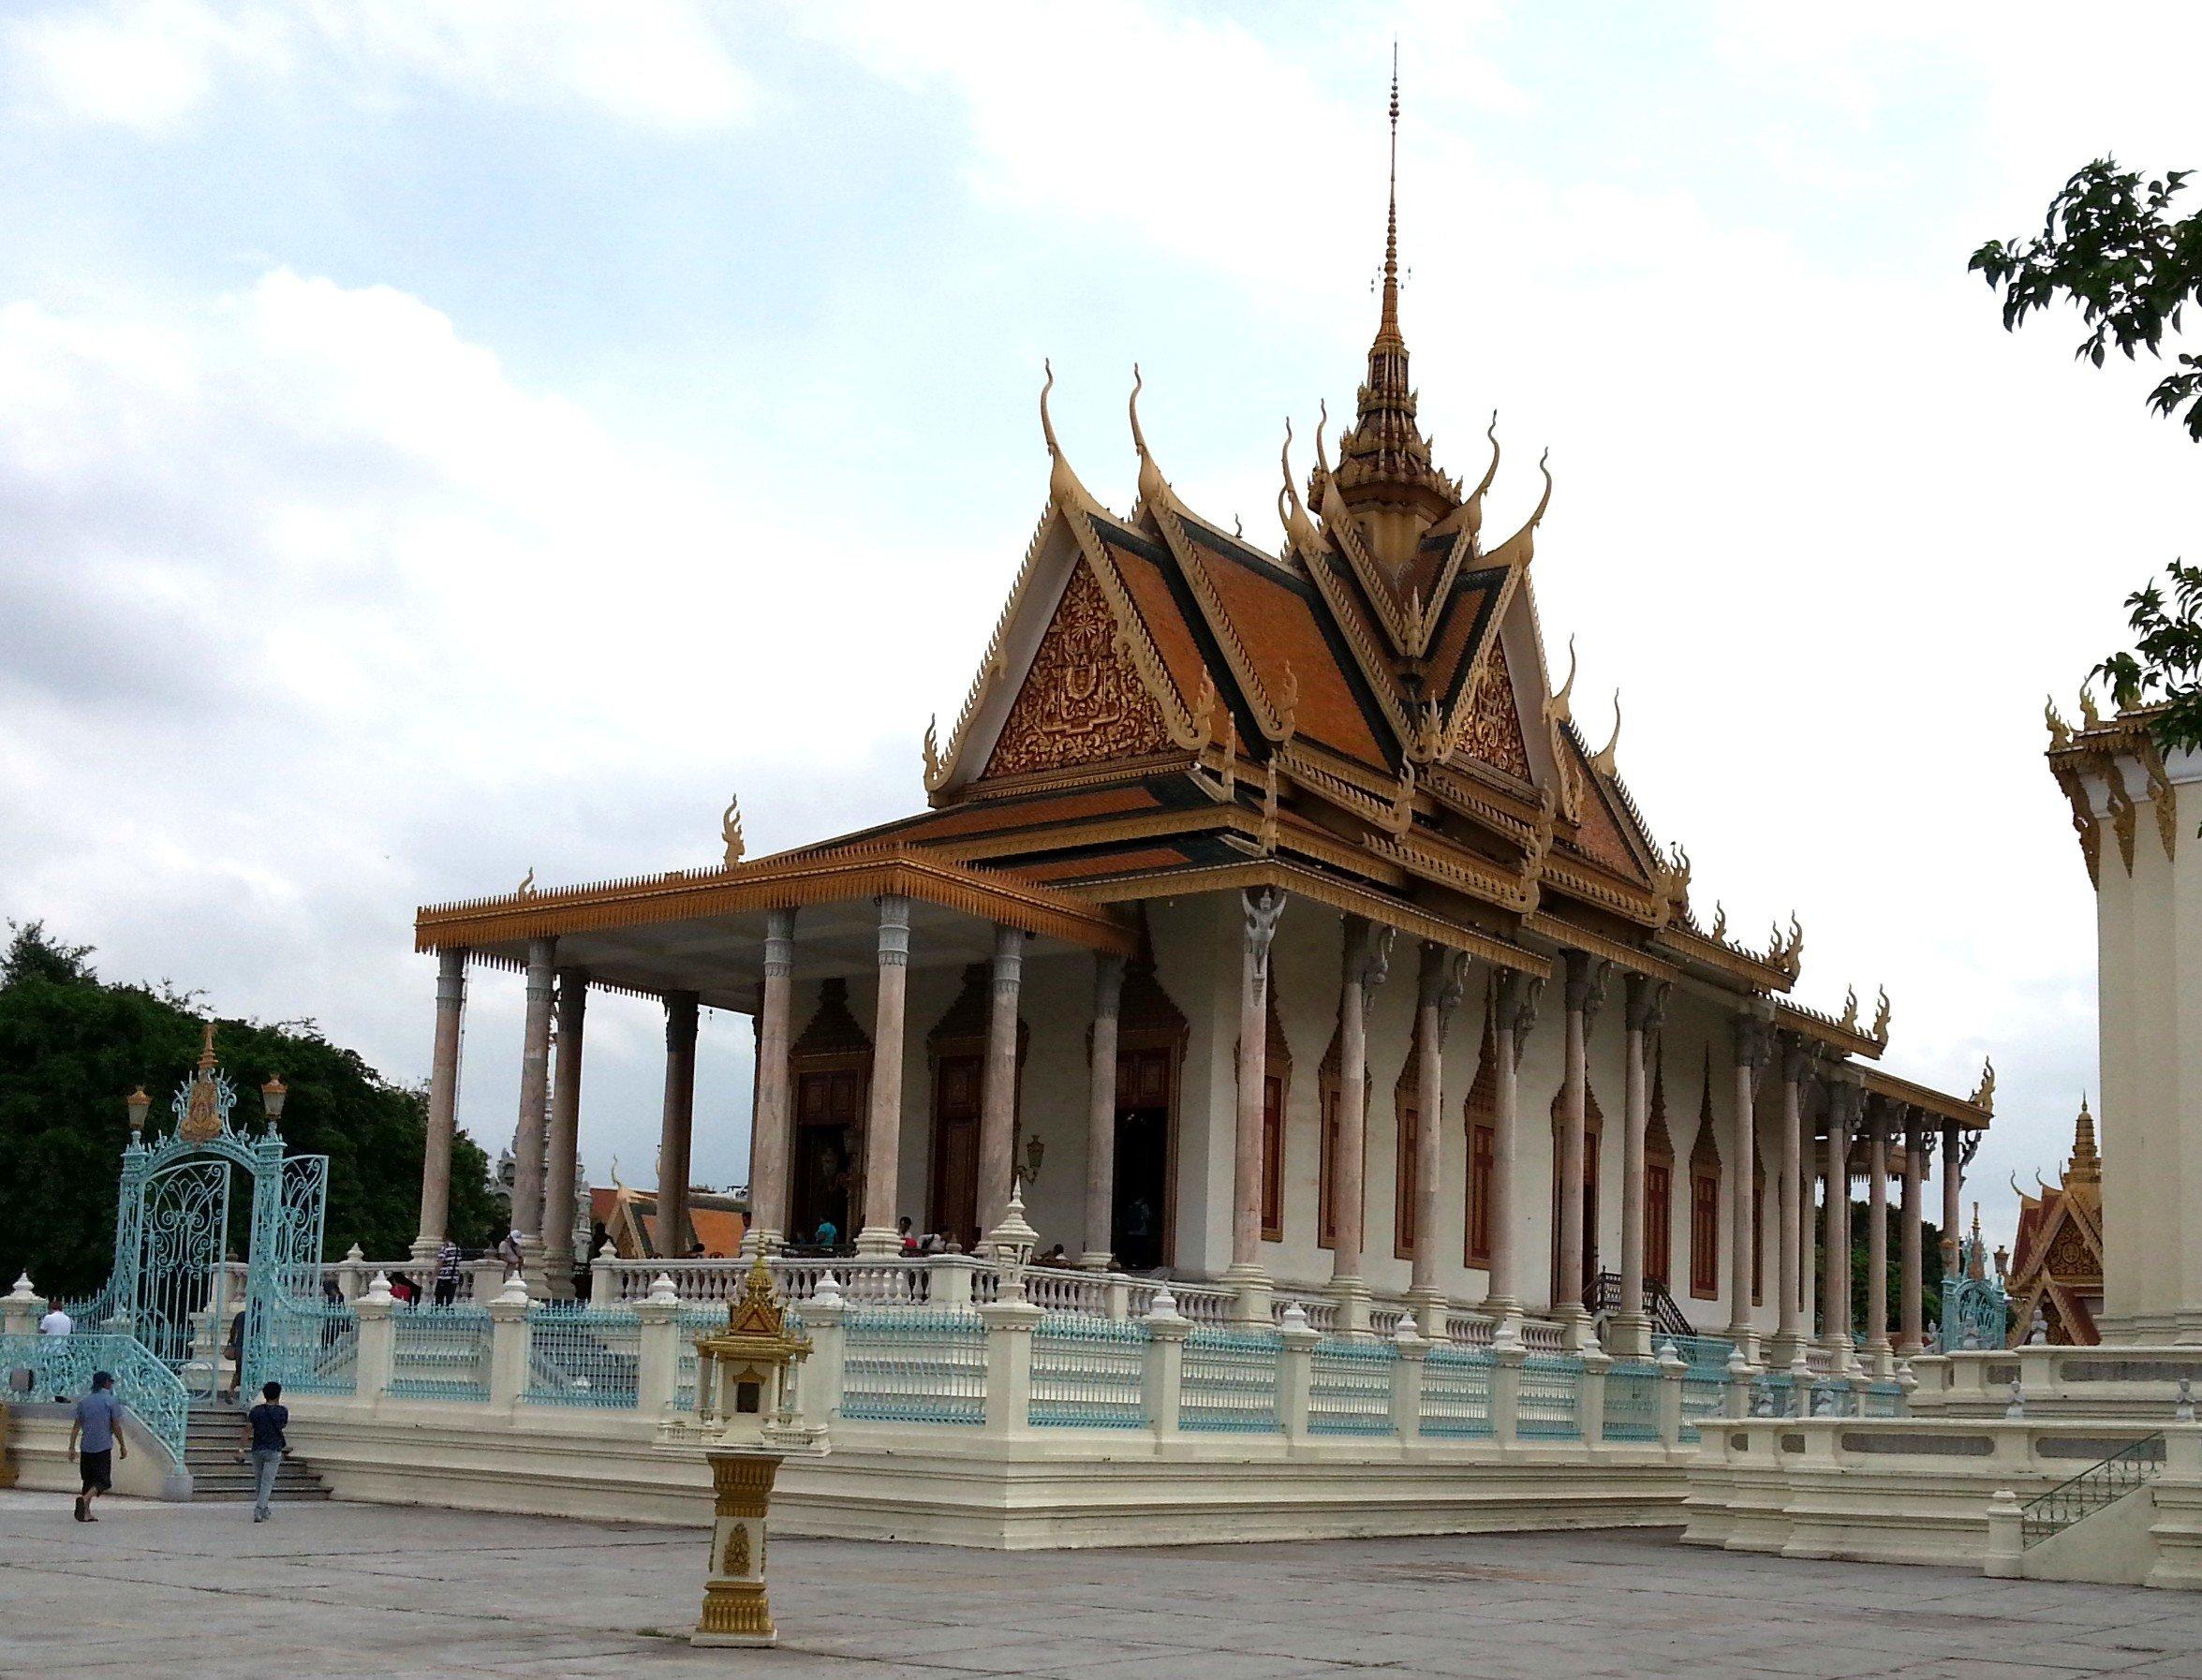 Silver Pagoda at the Royal Palace in Phnom Penh